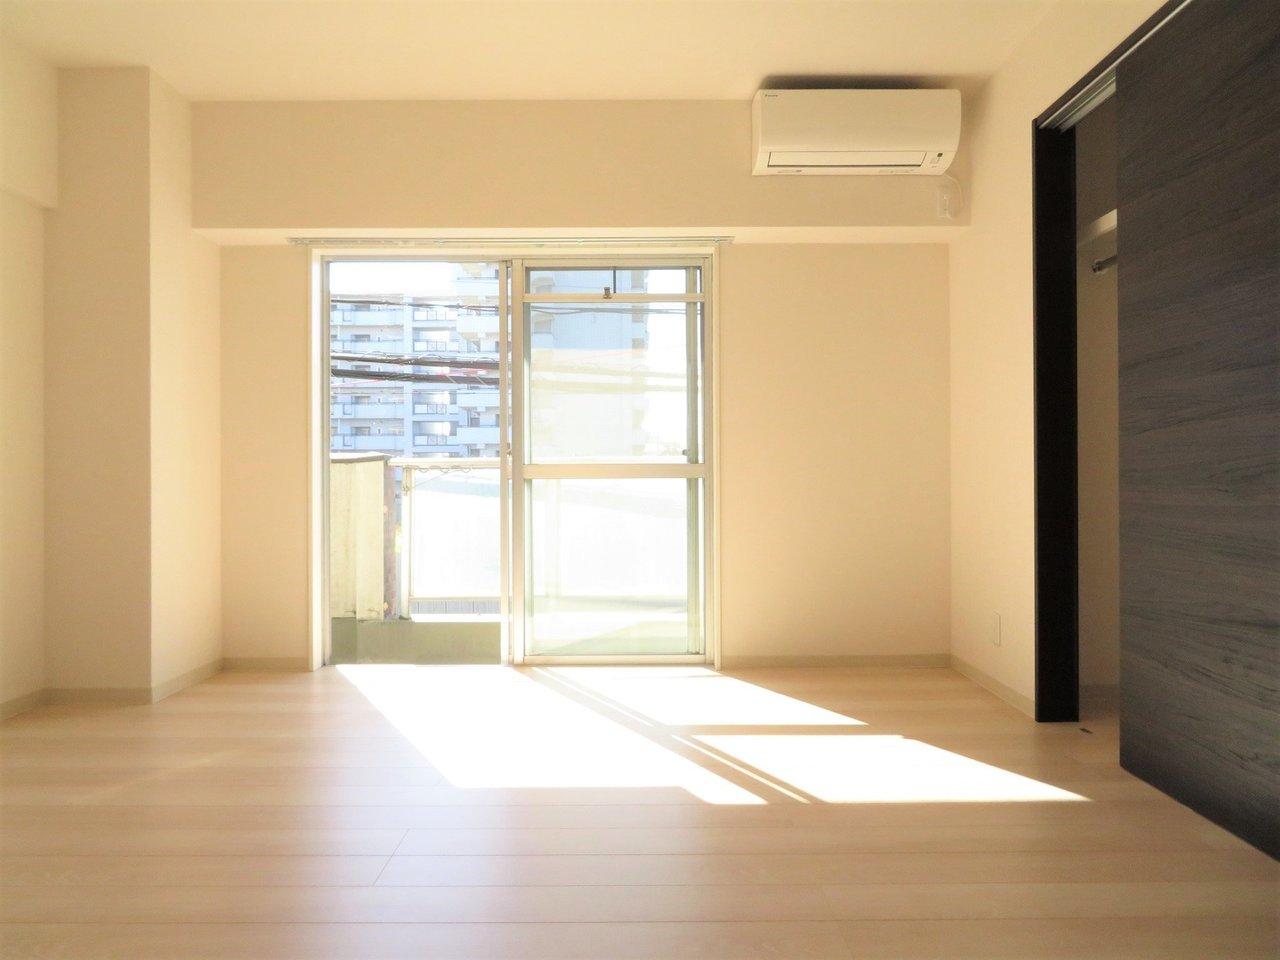 築古のマンションをフルリノベーションして貸し出されている、1DKのお部屋です。2階建てなのにこれでもかというくらいの、太陽の光が入ってきます。しかも角部屋なので二面採光です。